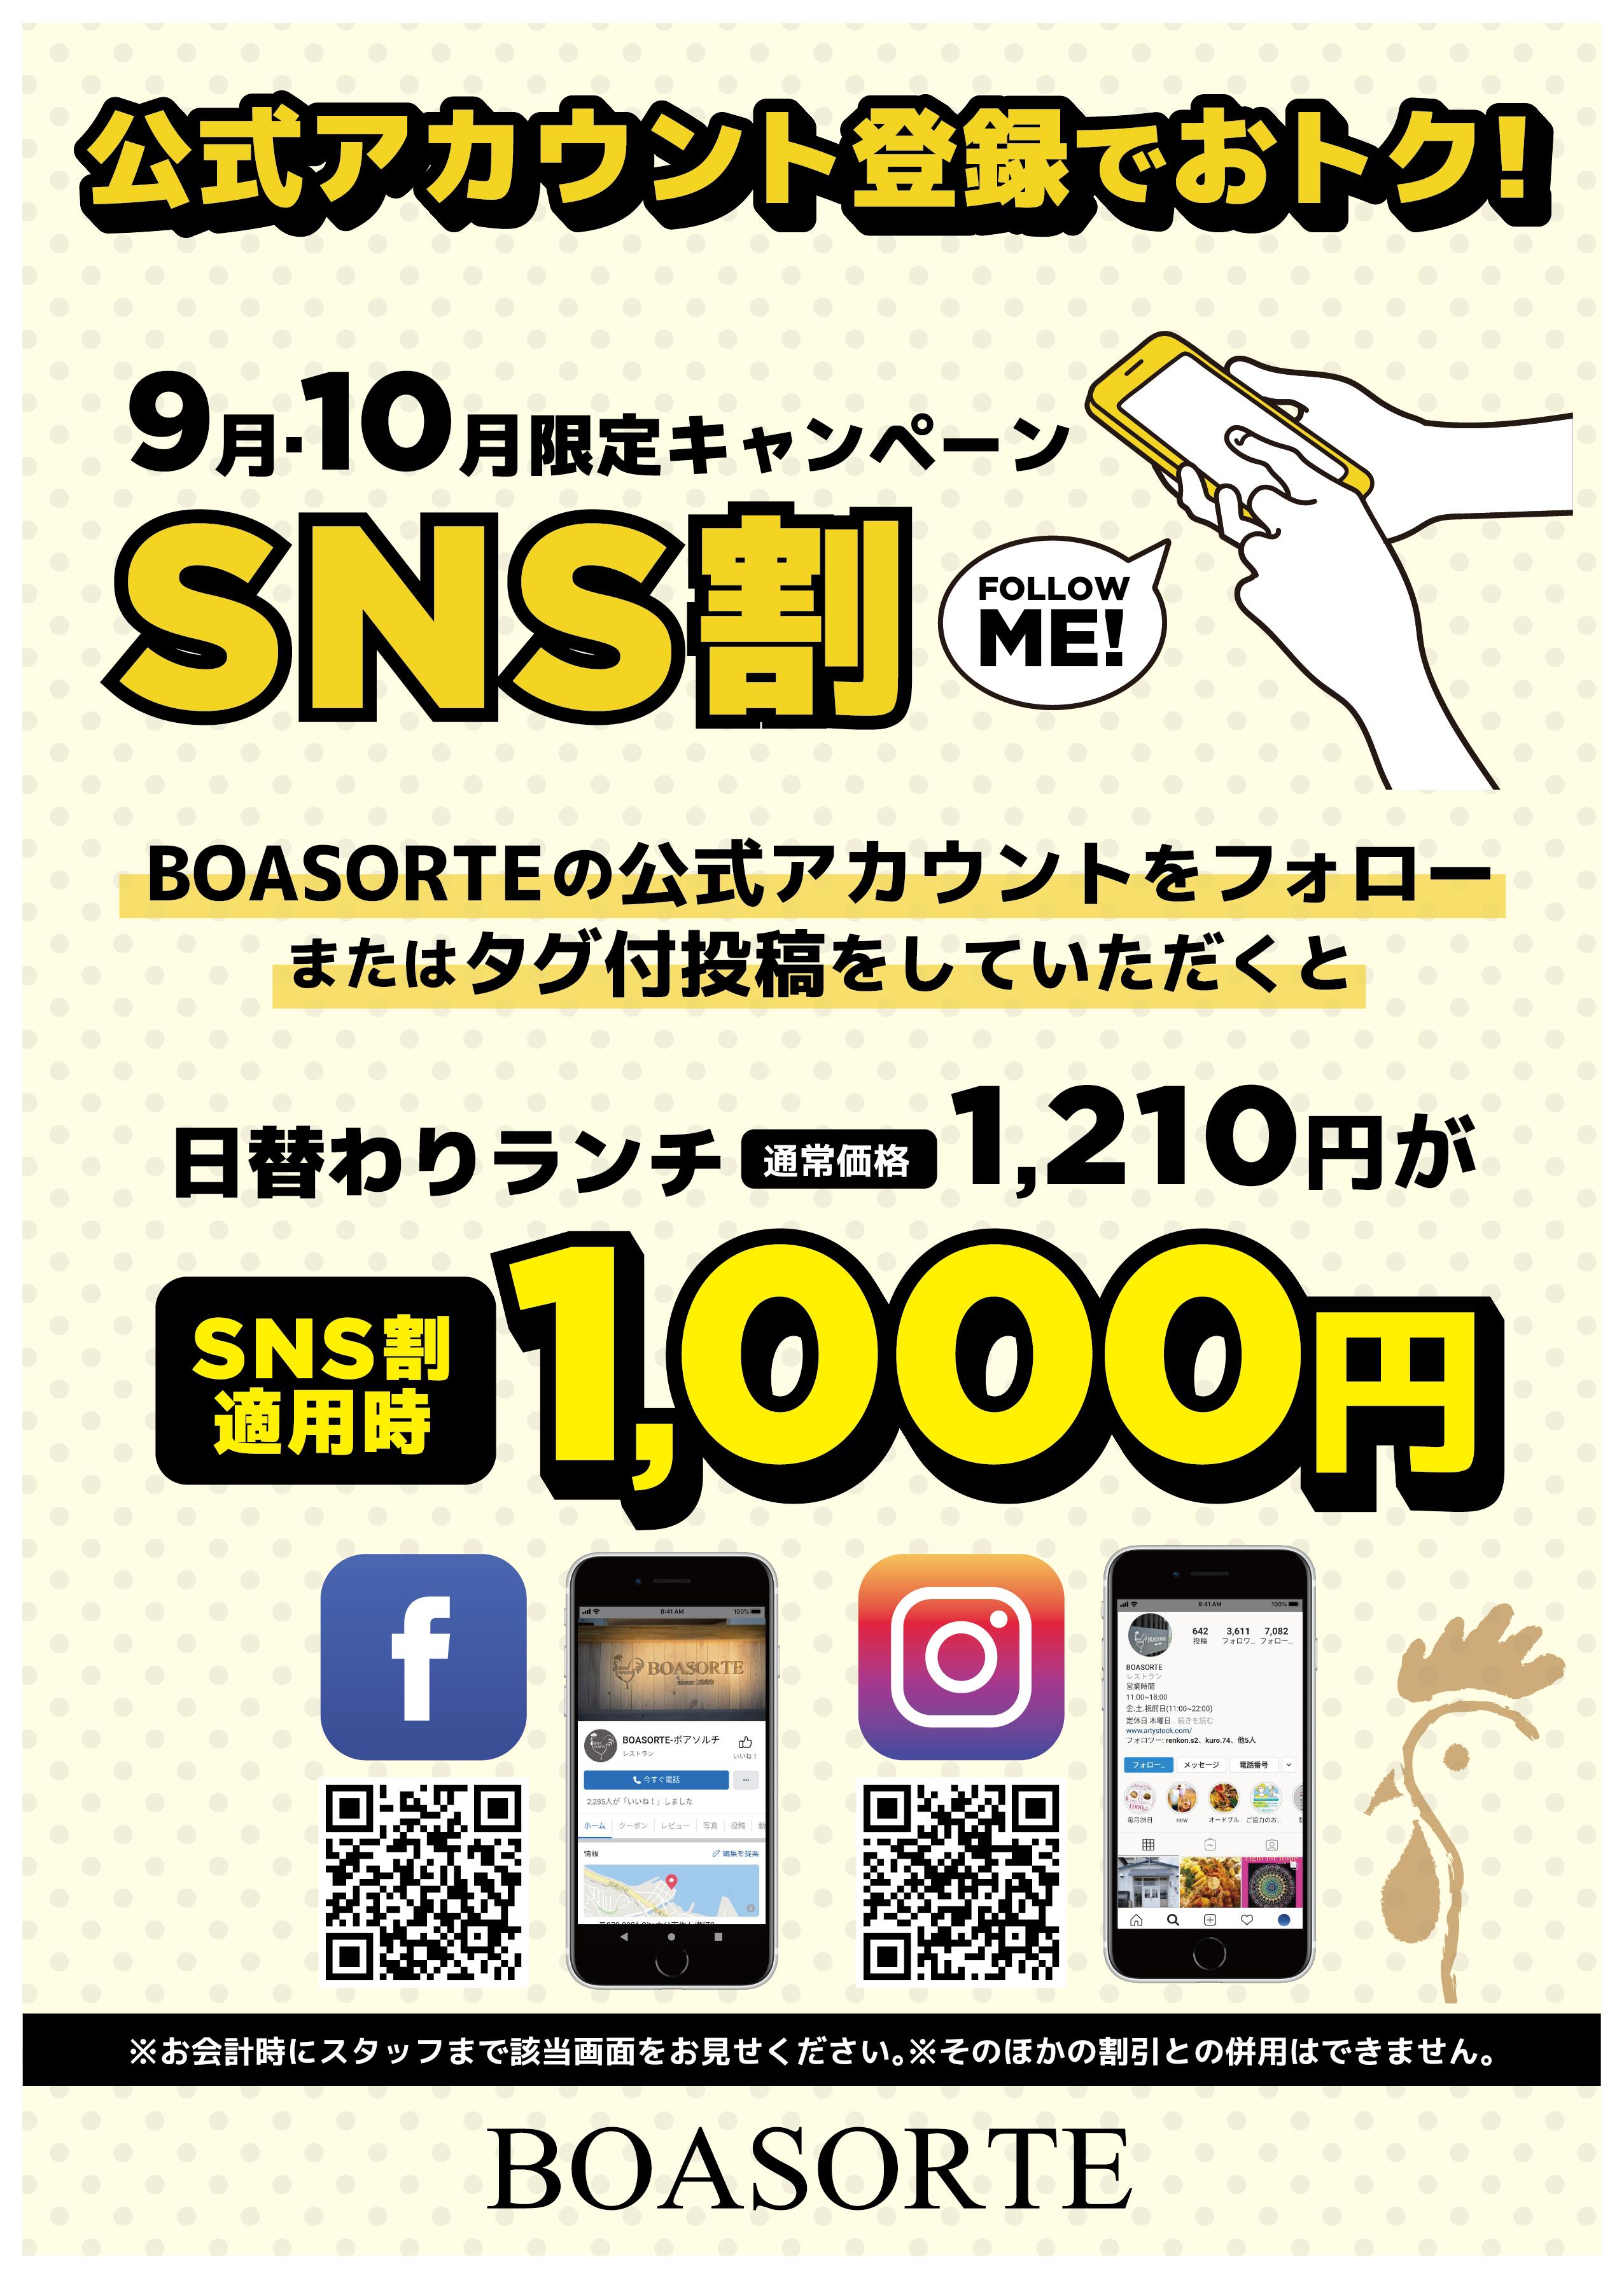 9月10月限定キャンペーン SNS割